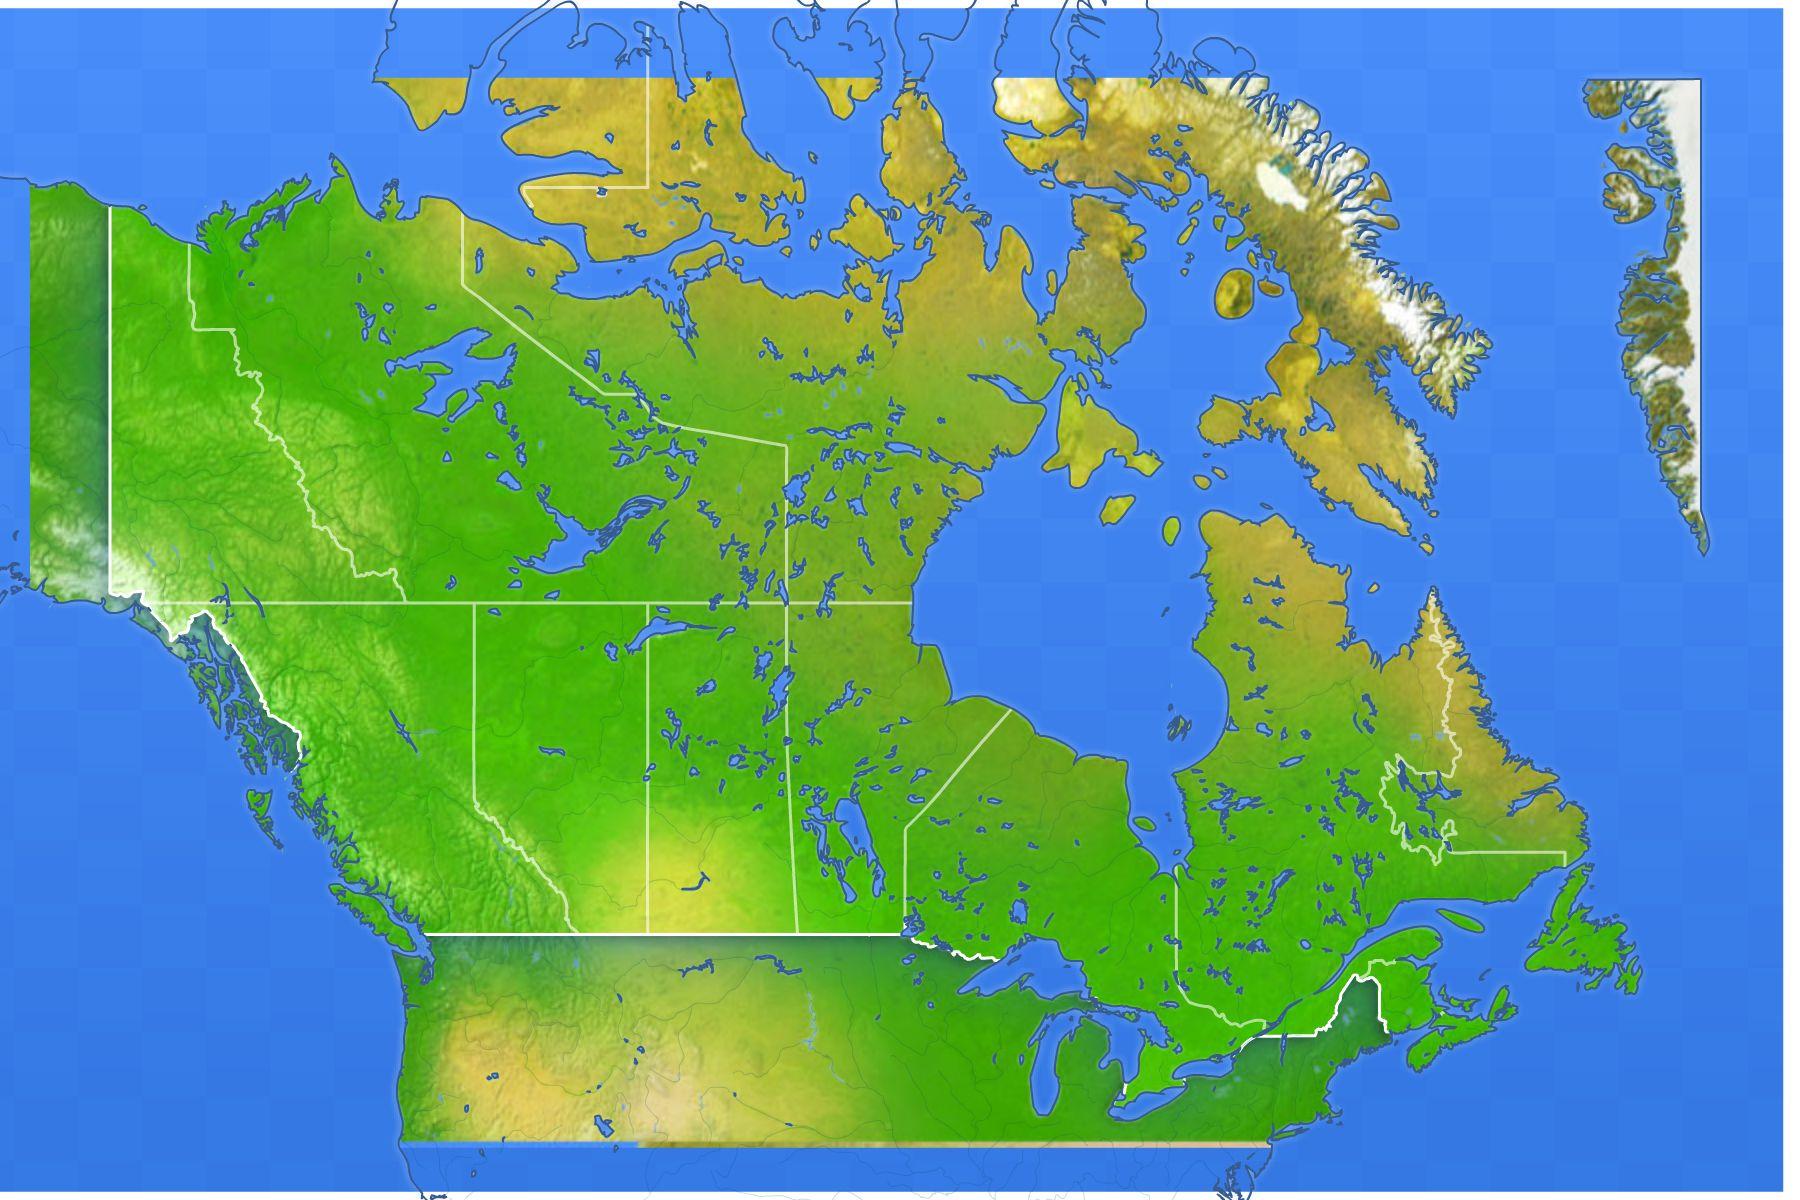 Jeux-Geographiques Jeux Gratuits Jeu Villes Du Canada encequiconcerne Jeux Geographie